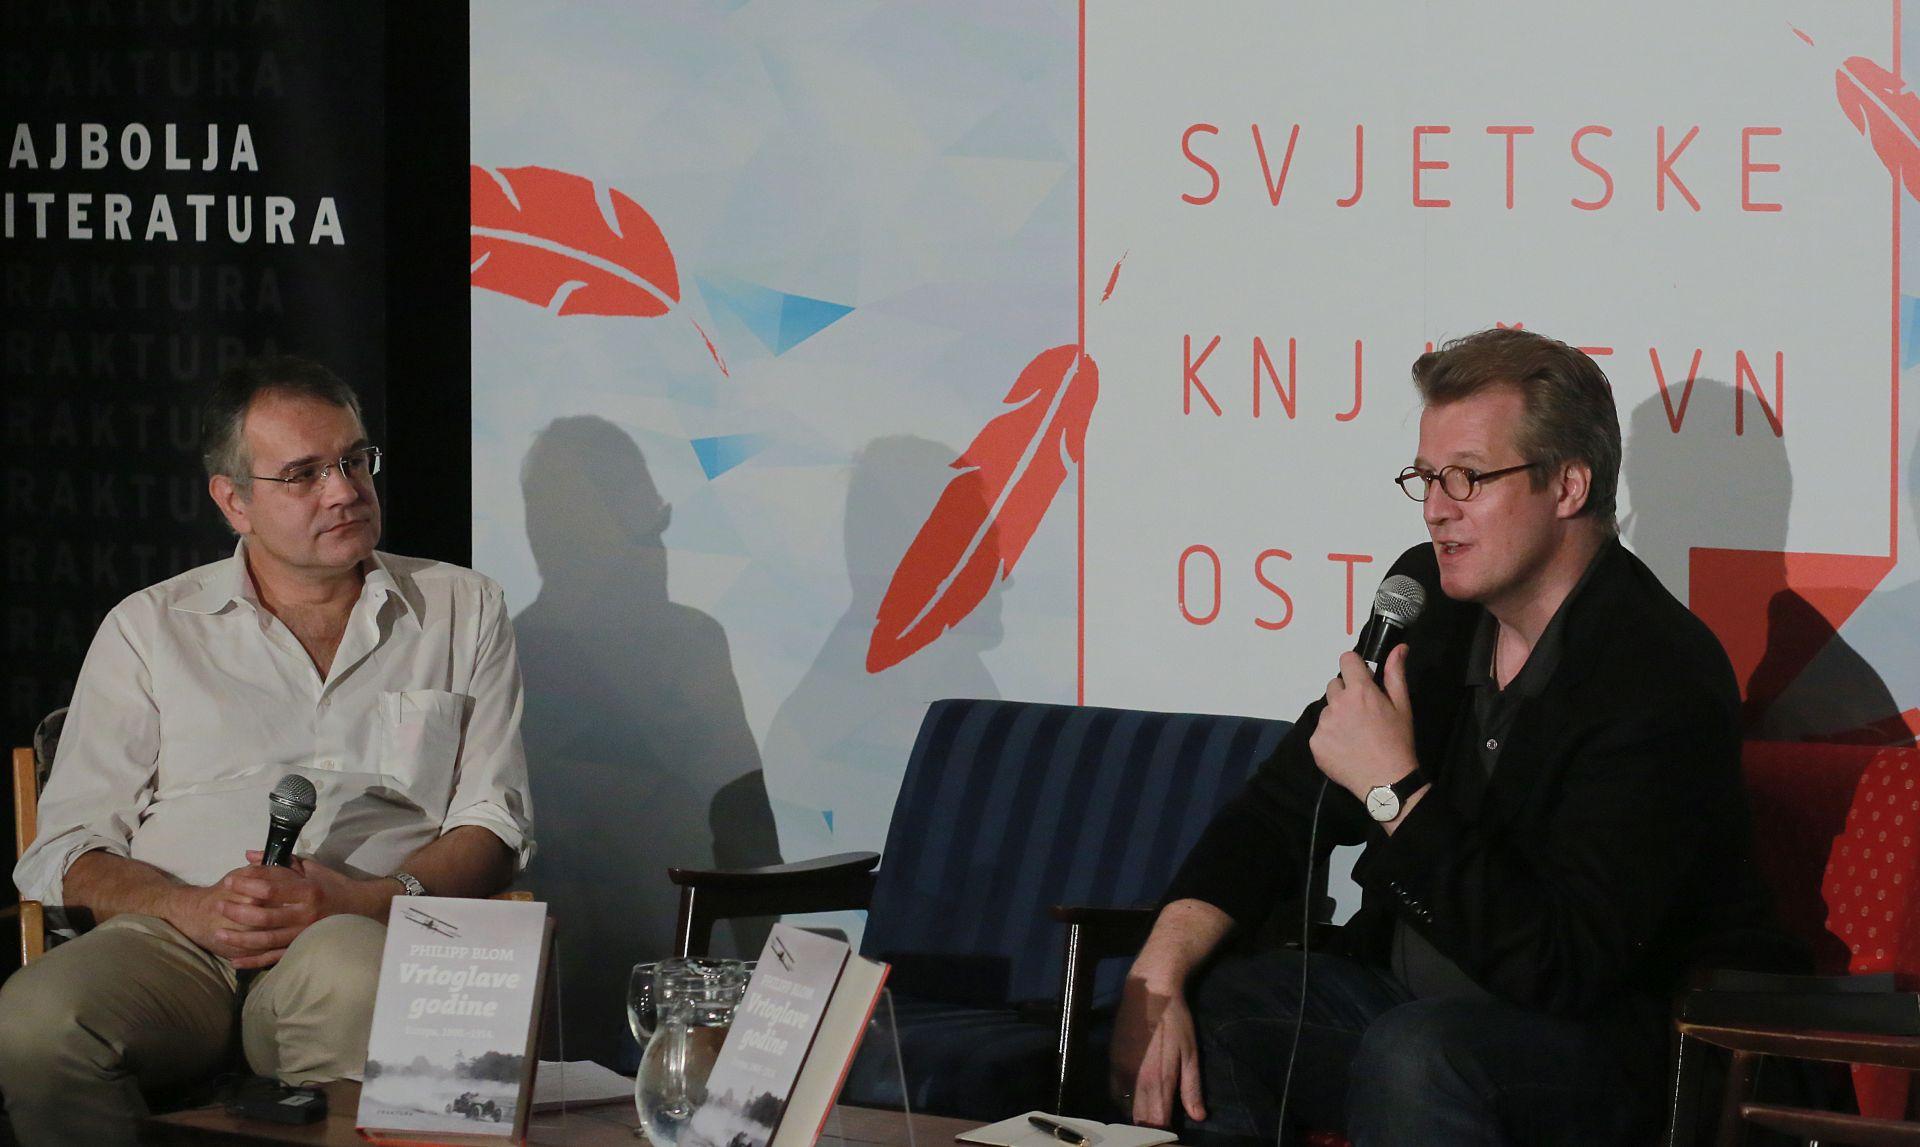 FSK – Philipp Blom: U potrazi za odgovorima na bitna povijesna pitanja